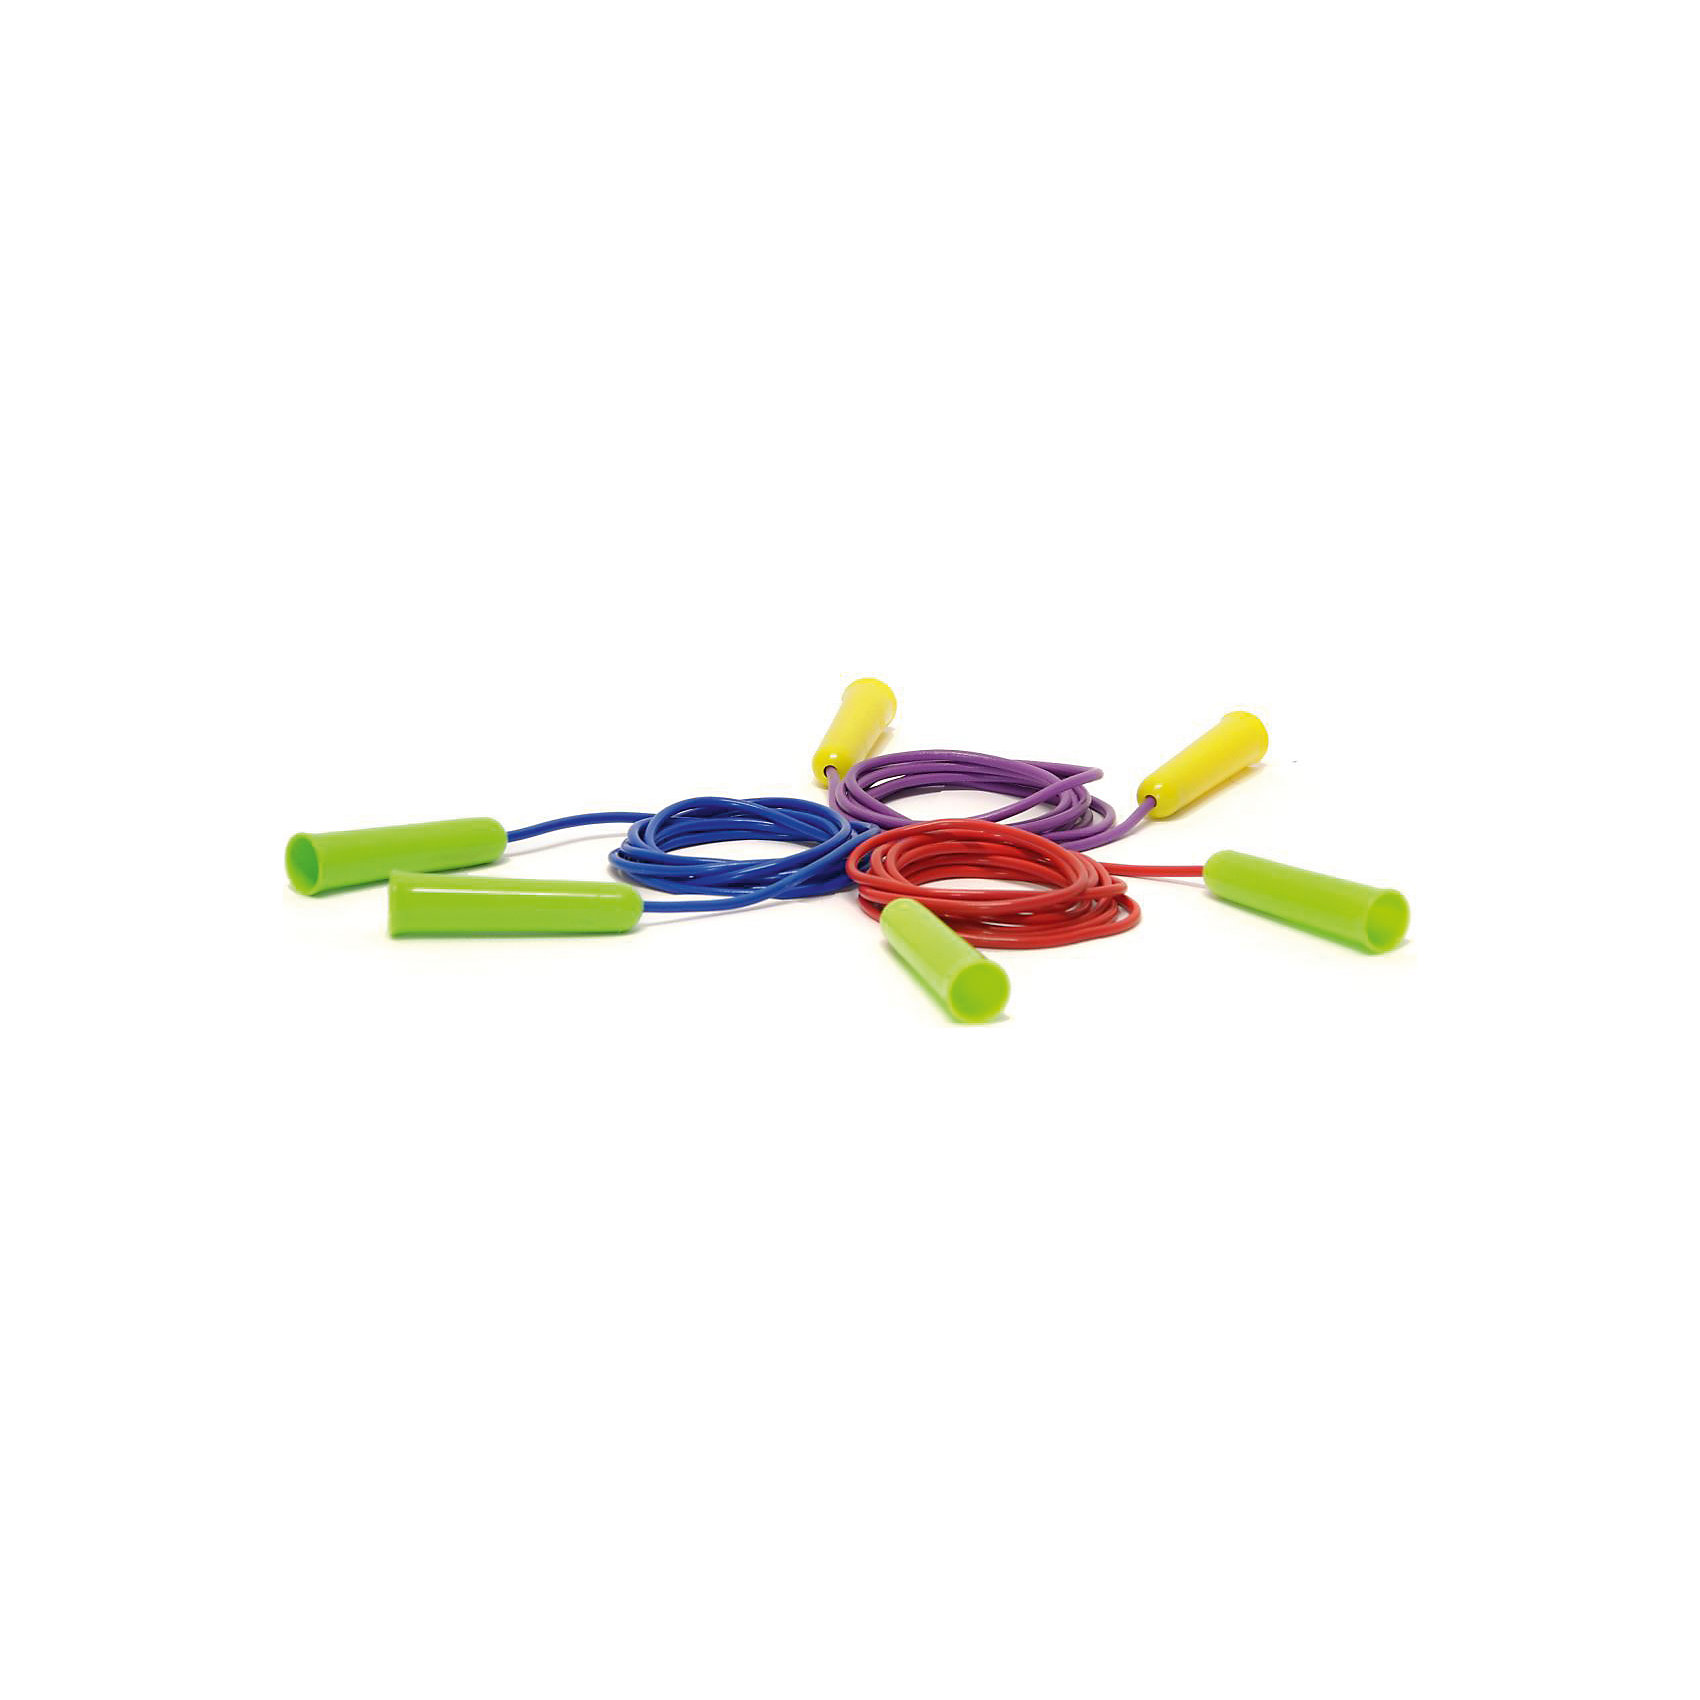 Скакалка спортивная, Karolina ToysСпортивная скакалка, Karolina Toys - это прекрасный тренажер для поддержания себя в хорошей физической форме. Скакалка подходит и взрослым и детям и может использоваться в любом месте и в любое время. Игрушка изготовлена из высококачественной прочной резины, благодаря ручкам из пластика скакалку приятно держать в руках. Она легко моется водой с использованием мягких моющих средств. Упражнения со скакалкой способствуют общему физическому развитию ребенка, улучшают работу вестибулярного аппарата и укрепляют суставы.<br><br>Дополнительная информация:<br><br>- Материал: пластик, резина.<br>- Длина скакалки: 2,5 м.<br>- Размер упаковки: 10 х 10 х 6 см.<br>- Вес: 80 гр.<br> <br>Скакалку спортивную, Karolina Toys, можно купить в нашем интернет-магазине.<br><br>Ширина мм: 200<br>Глубина мм: 180<br>Высота мм: 20<br>Вес г: 80<br>Возраст от месяцев: 36<br>Возраст до месяцев: 720<br>Пол: Унисекс<br>Возраст: Детский<br>SKU: 4627925